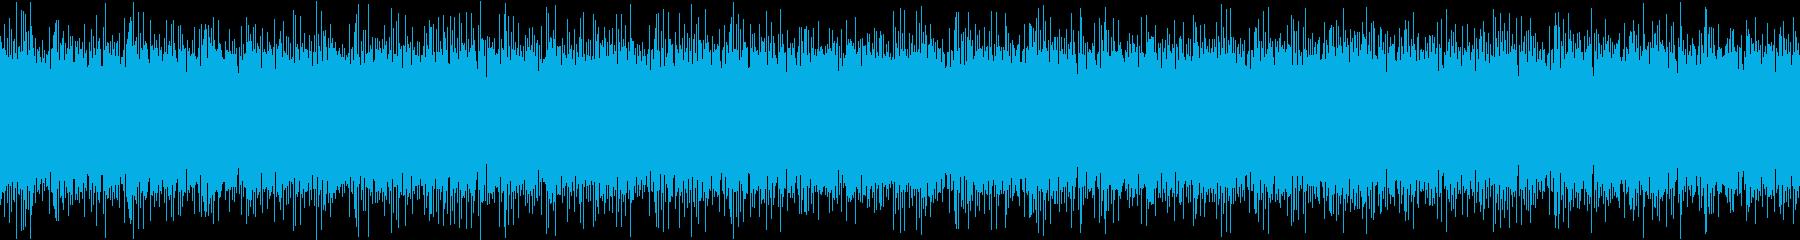 ★キャッチーな汎用EDMの再生済みの波形